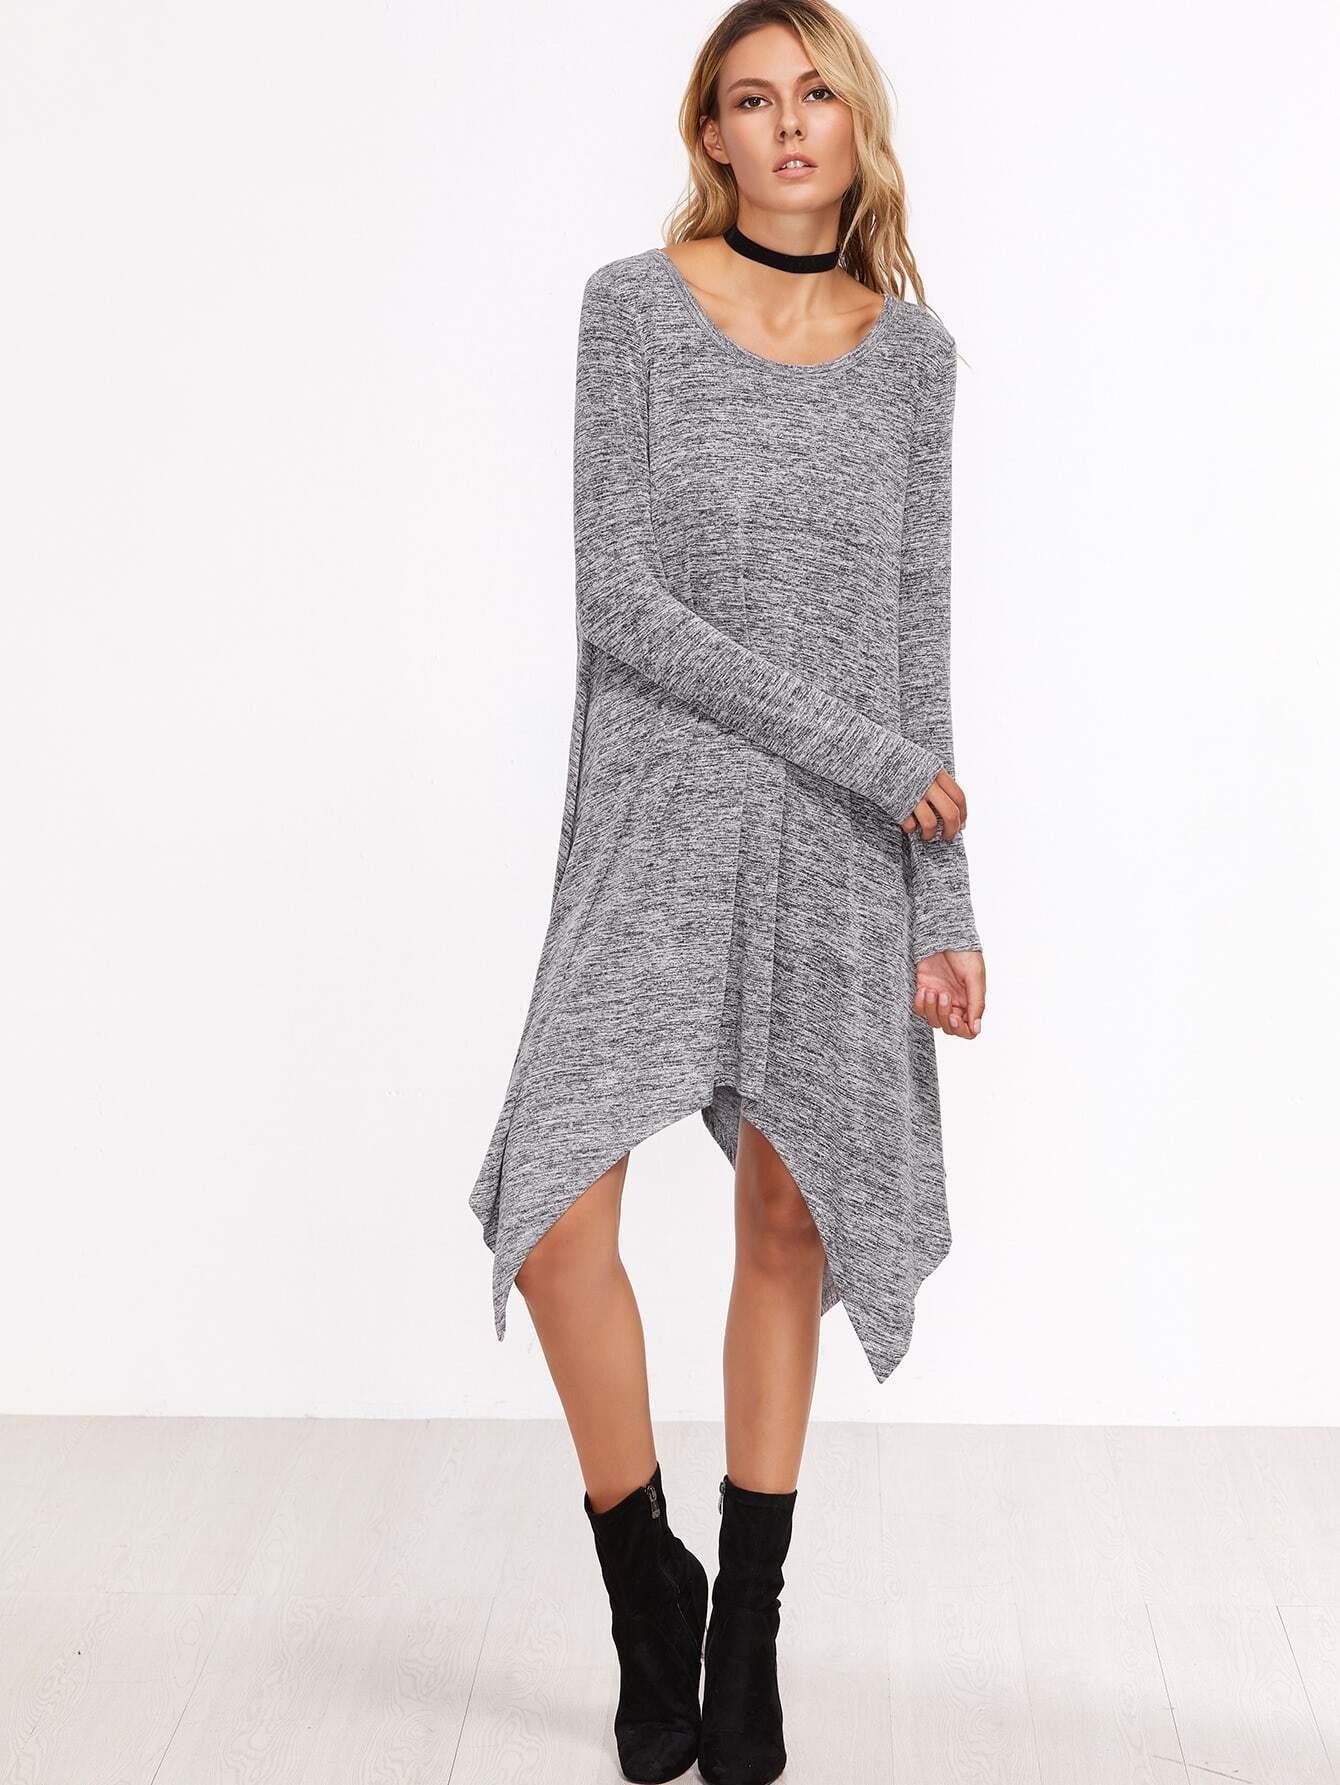 Grey Marled Knit Asymmetric DressGrey Marled Knit Asymmetric Dress<br><br>color: None<br>size: L,M,S,XS